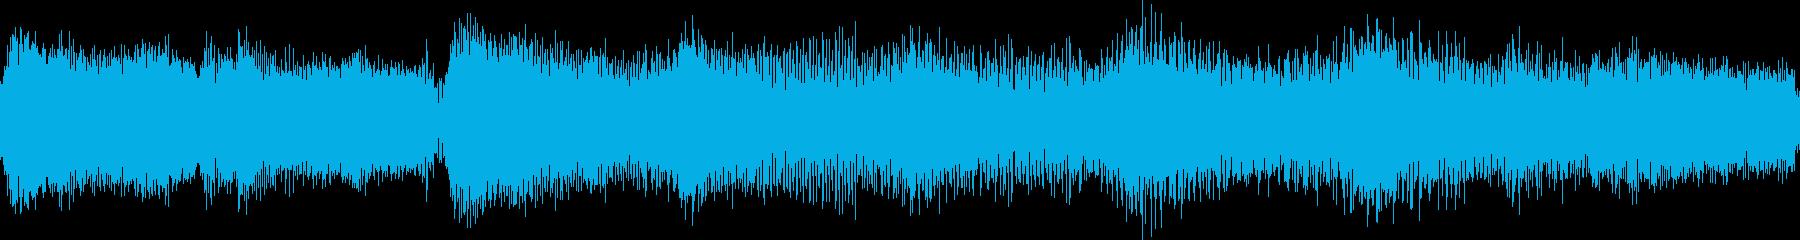 ゆったりとしたジャジーなジングル_ループの再生済みの波形